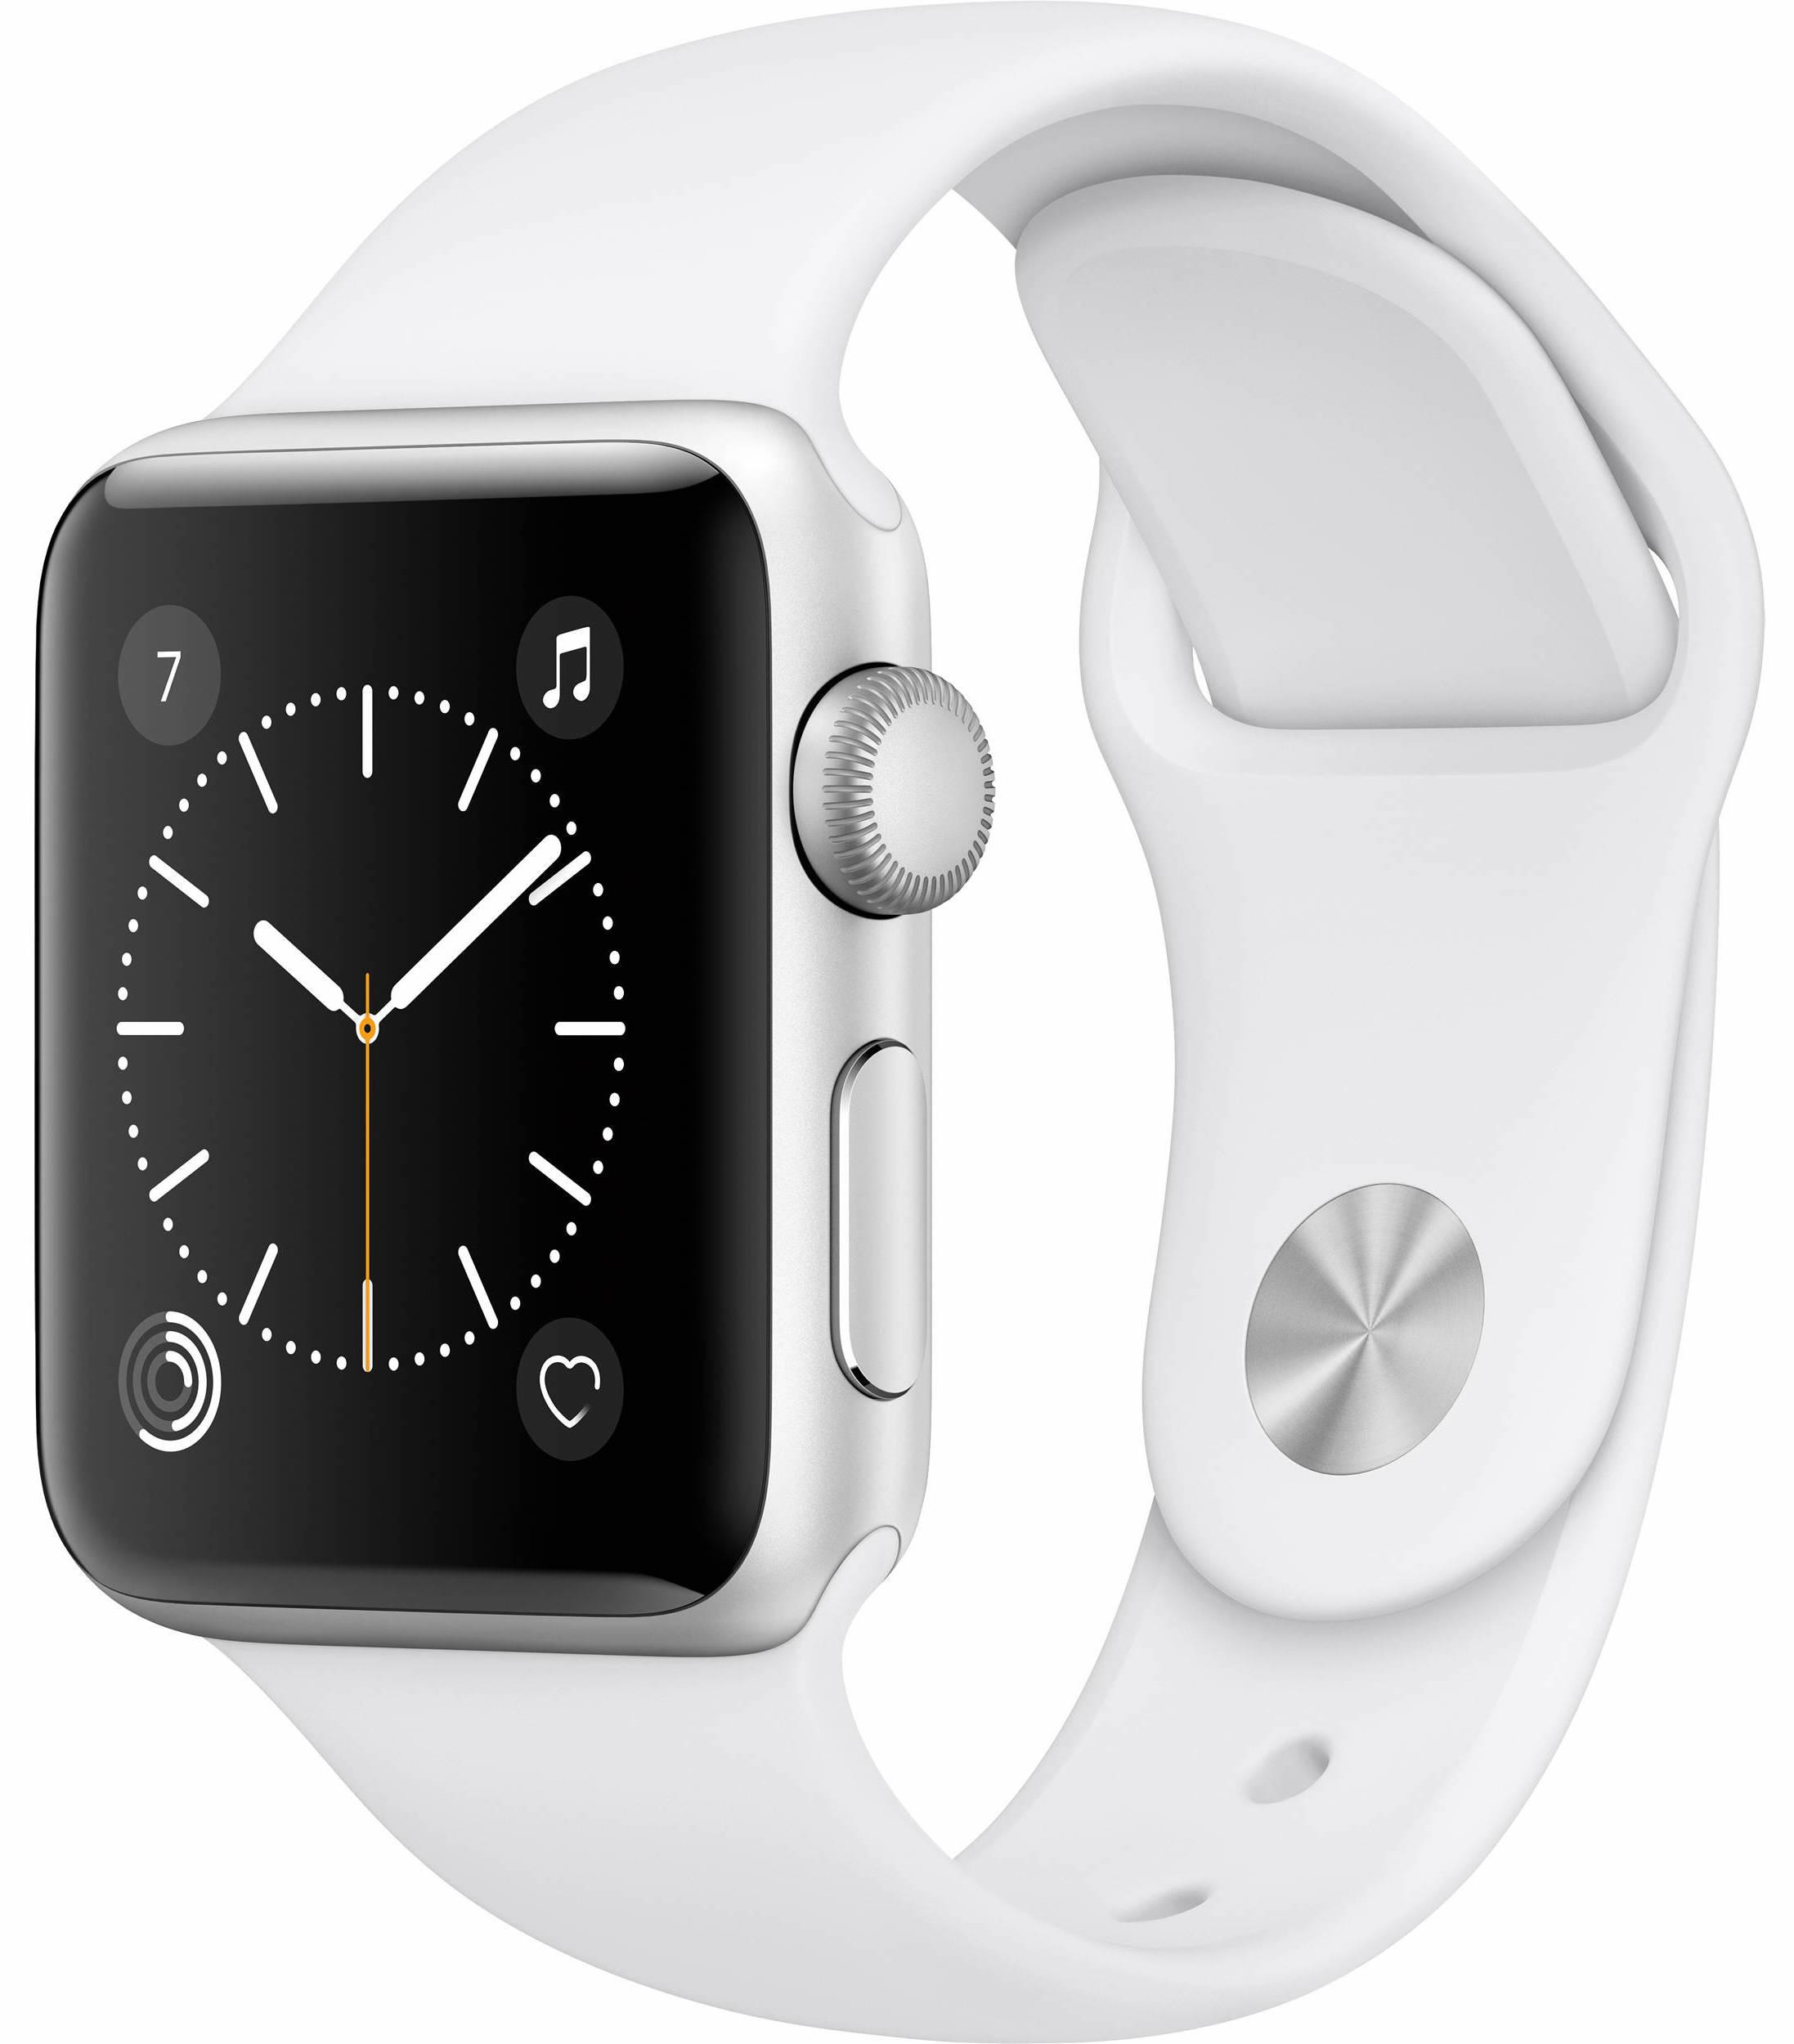 Offerta Apple Watch 2 Sport 42mm su TrovaUsati.it